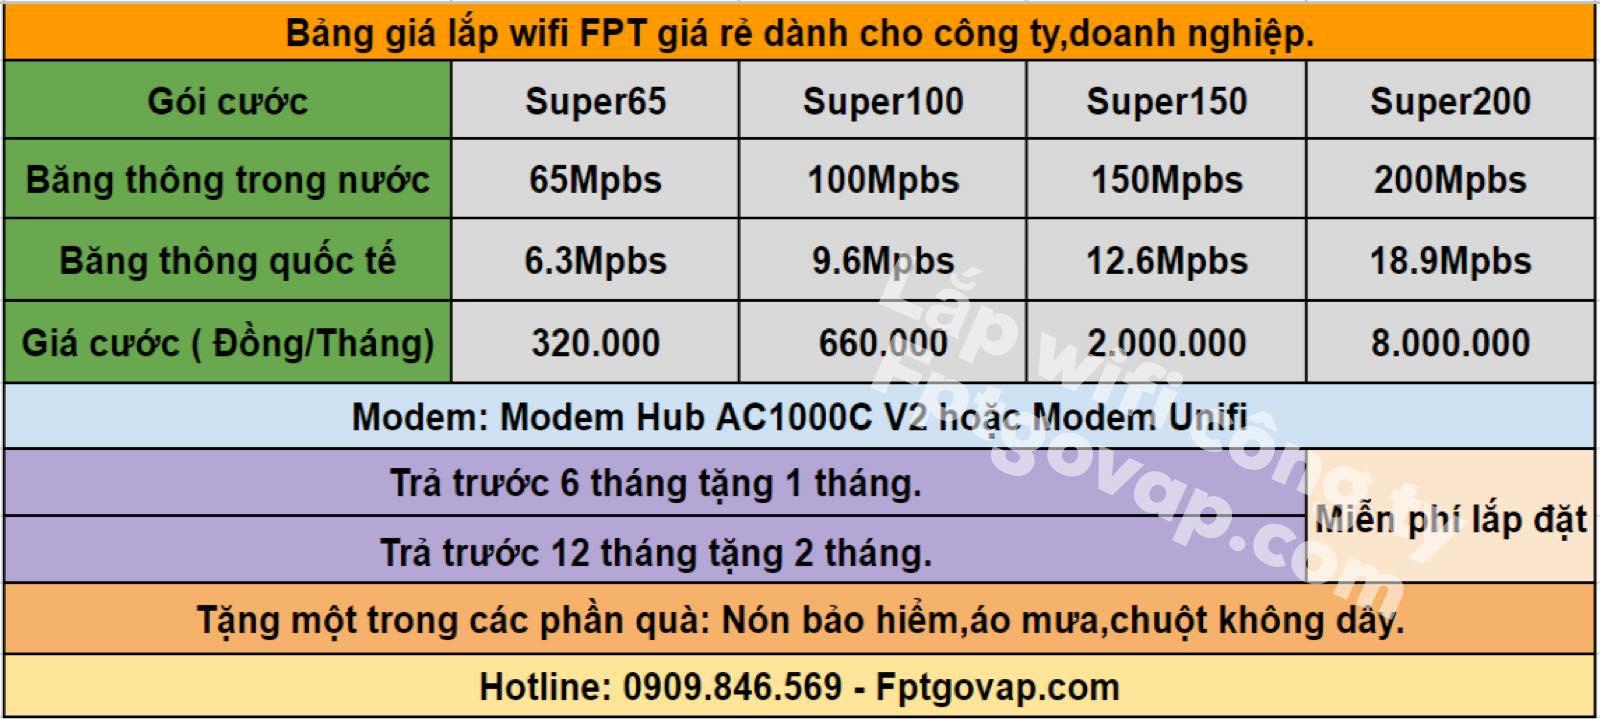 Bảng giá lắp mạng FPT dành cho công ty, doanh nghiệp ở Gò Vấp.